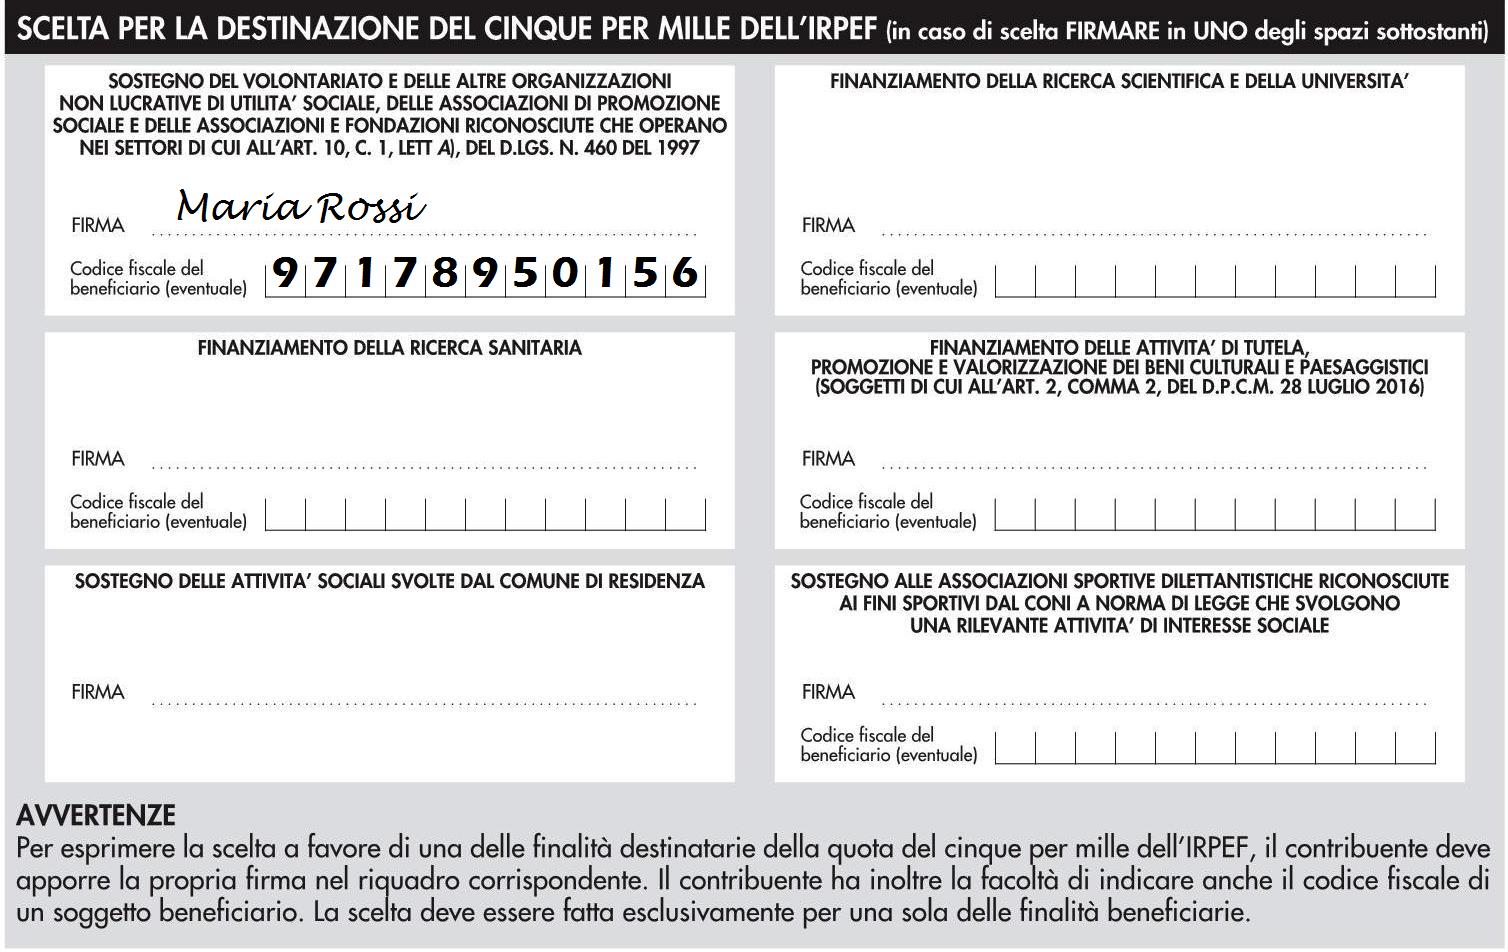 5x1000 alla Fondazione Roberto Franceschi Onlus